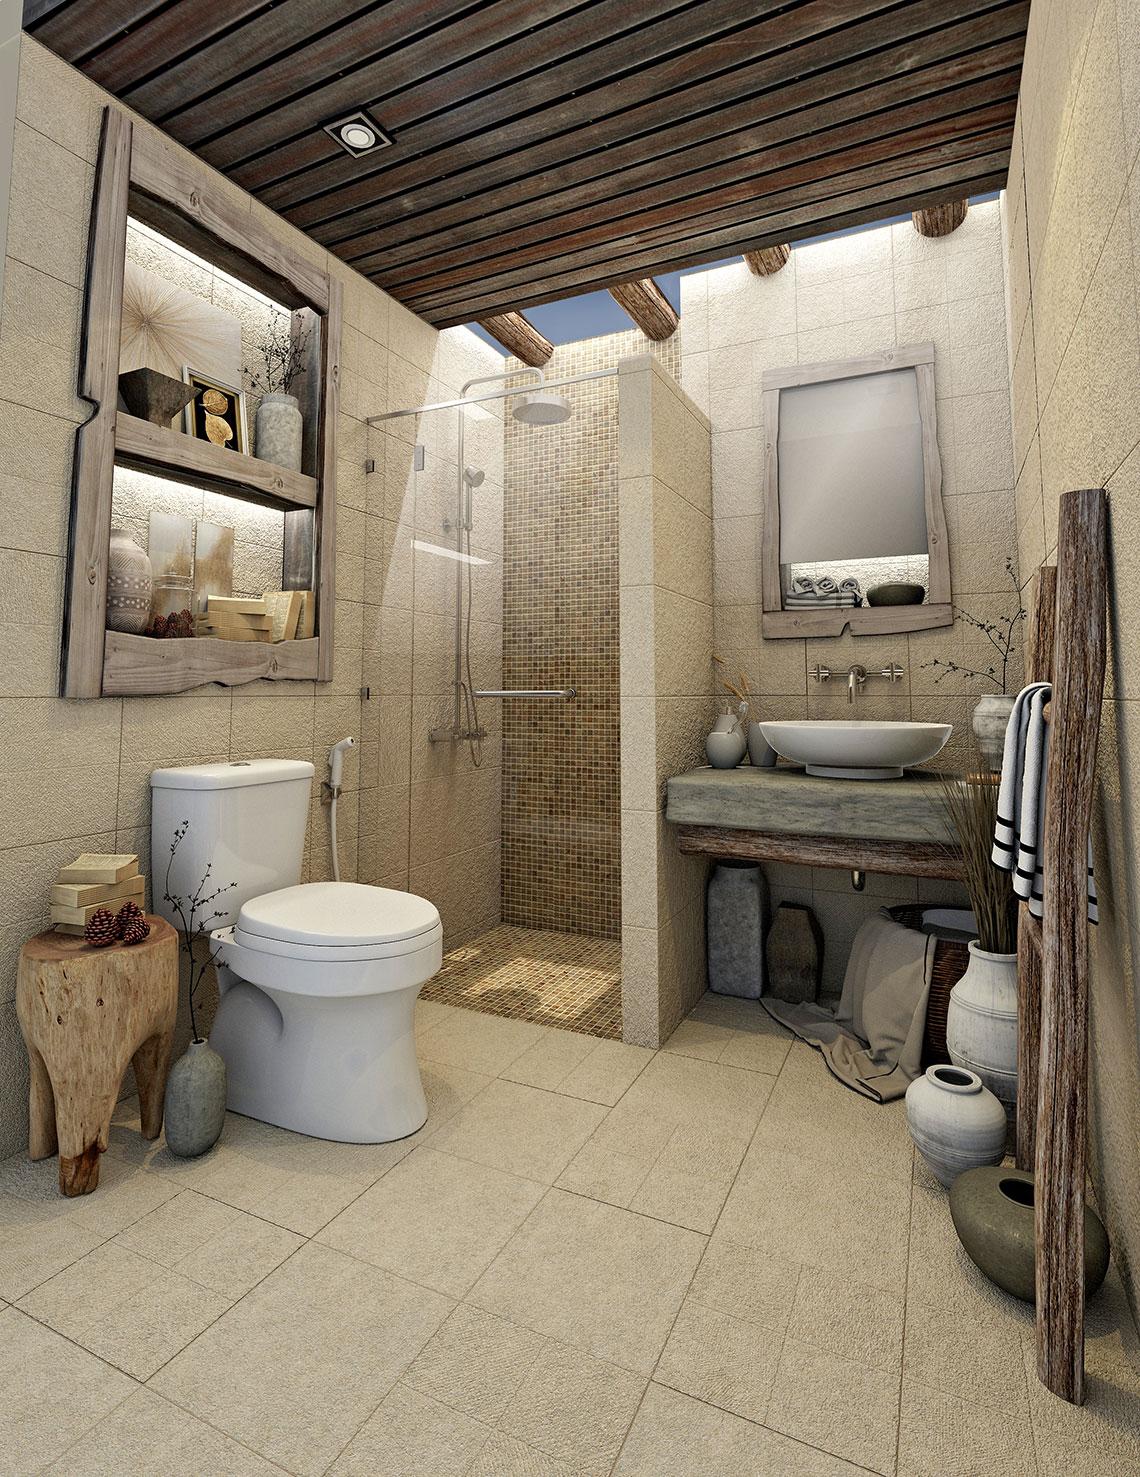 แบบห้องน้ำวินเทจ,ห้องน้ำธรรมชาติ,แบบห้องน้ำเก๋